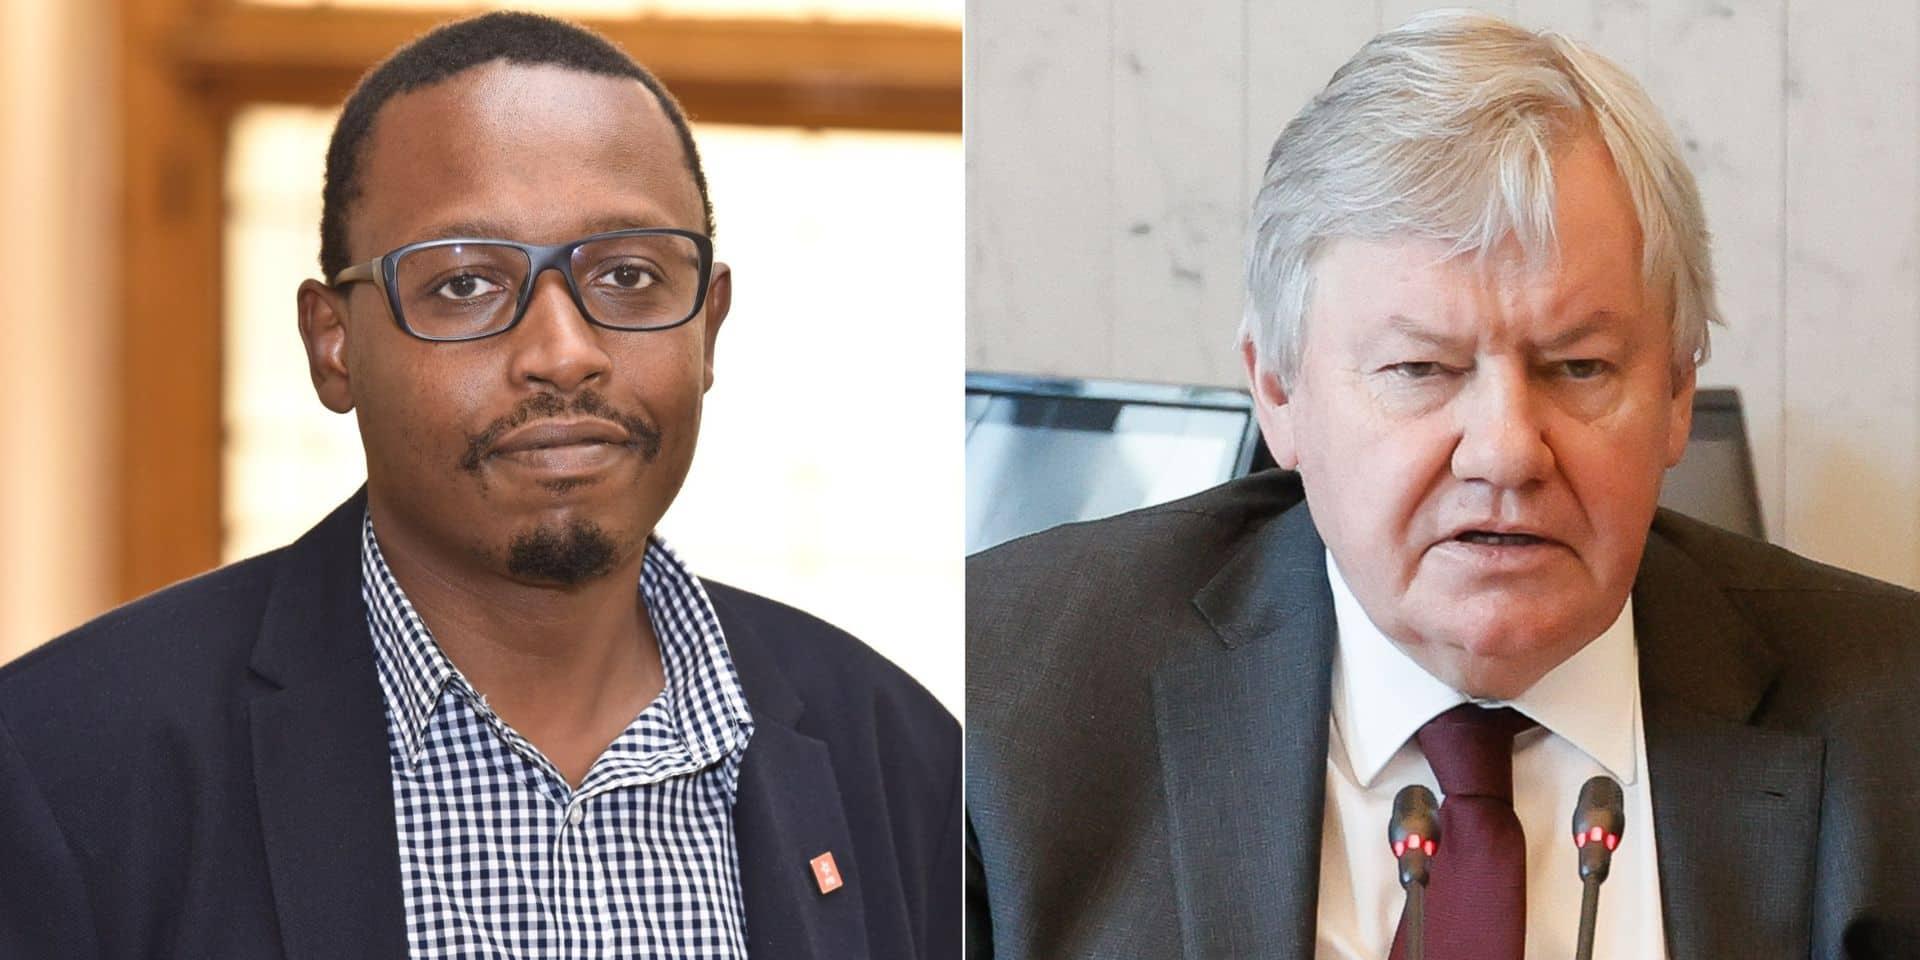 Tensions au Parlement wallon: le PTB crie à la censure, Marcourt répond que c'est n'importe quoi